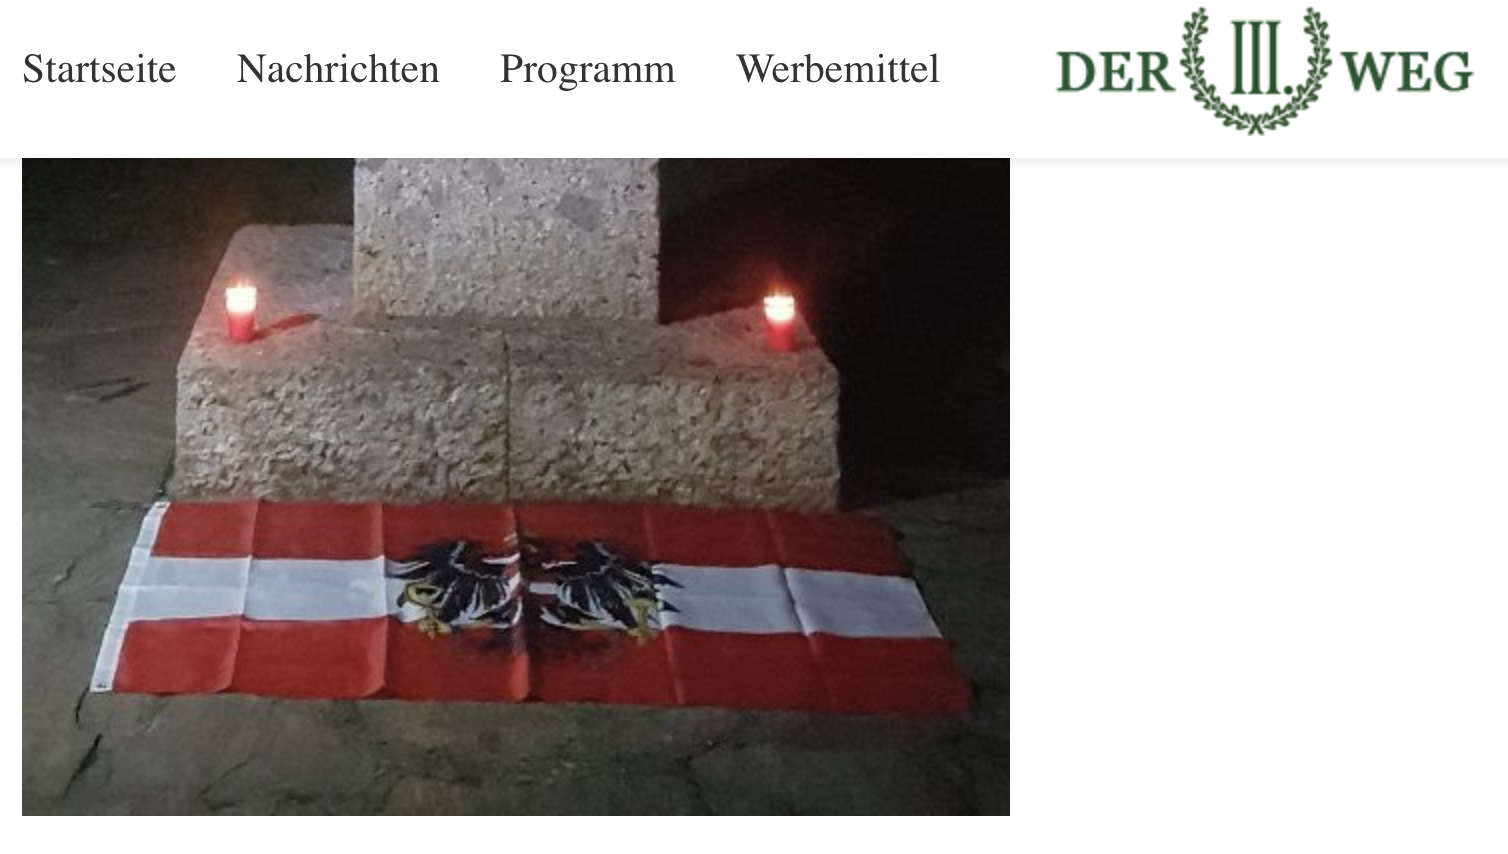 """Rechtsextremes Gedenken mit Kerzen und Österreich-Flagge in Bregenz beim Andreas Hofer-Denkmal (Screenshot """"Der III. Weg"""")"""